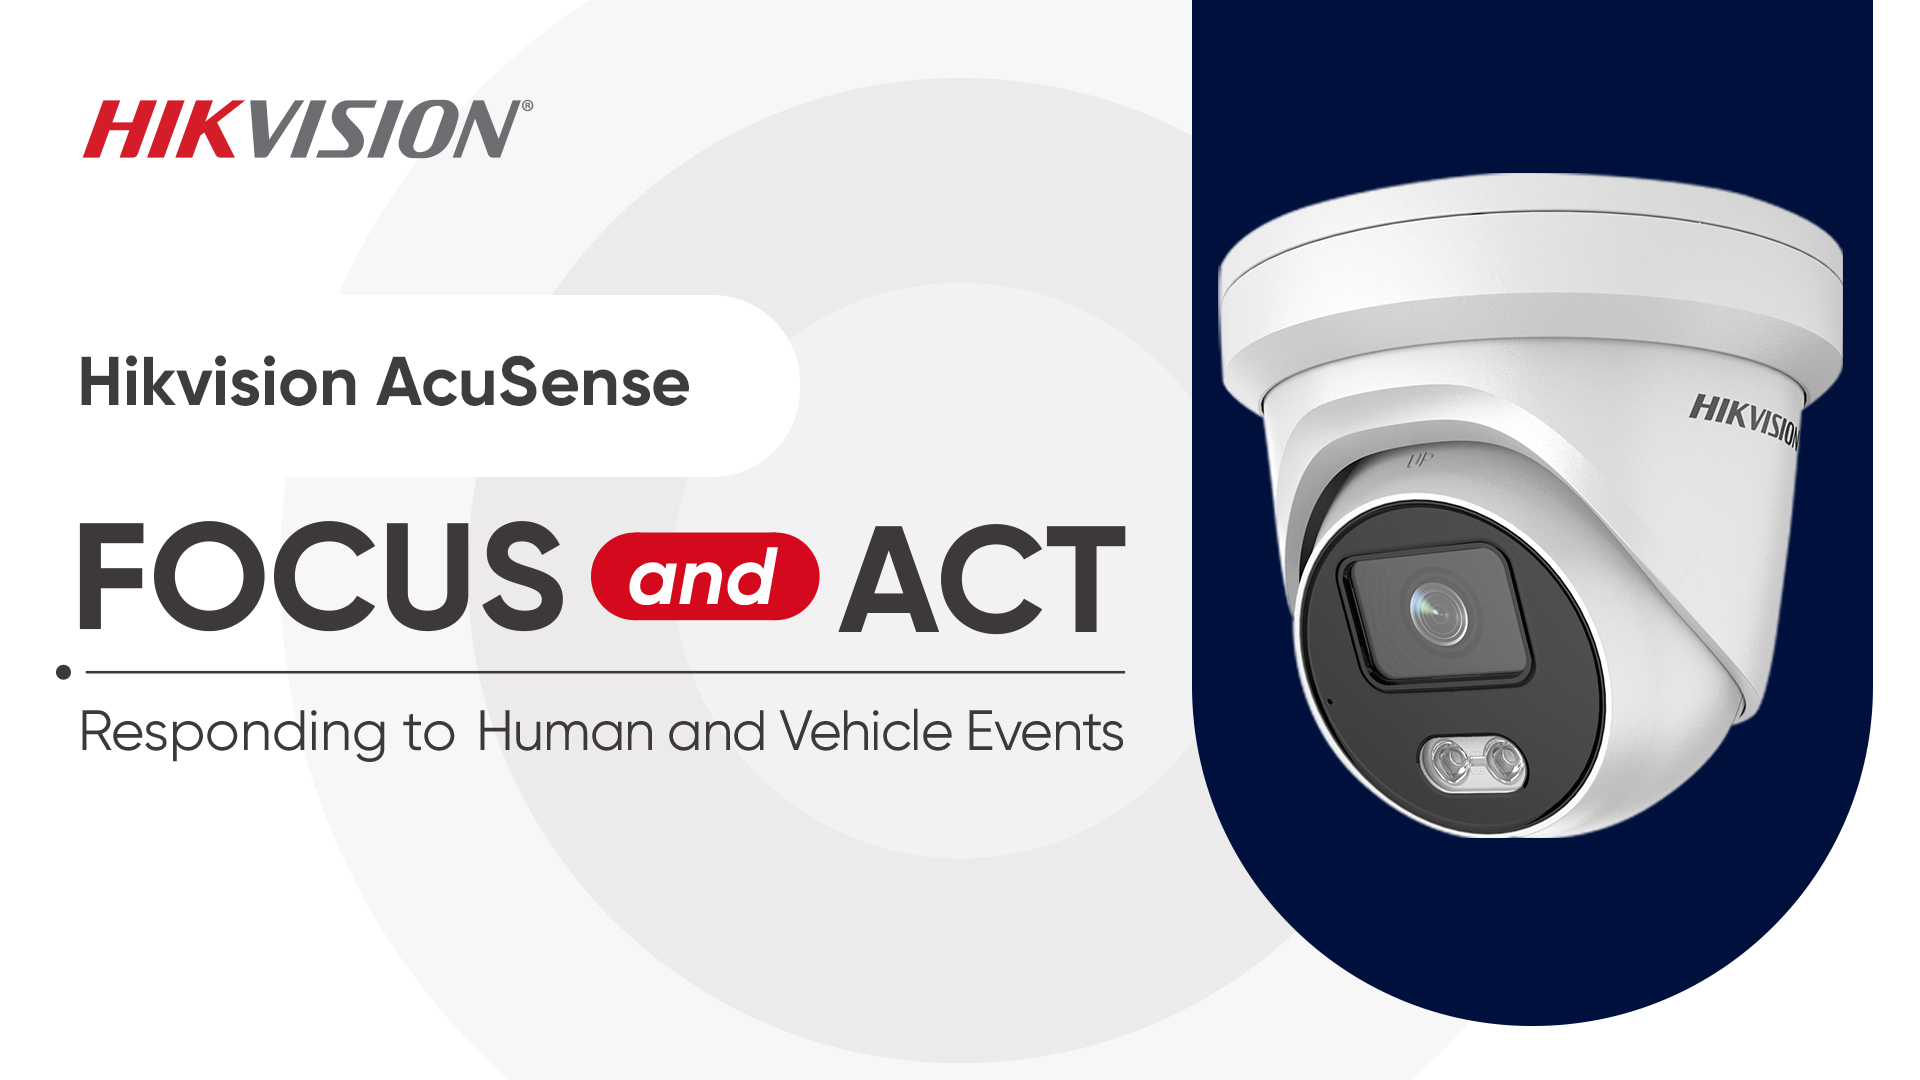 Hikvision AcuSense